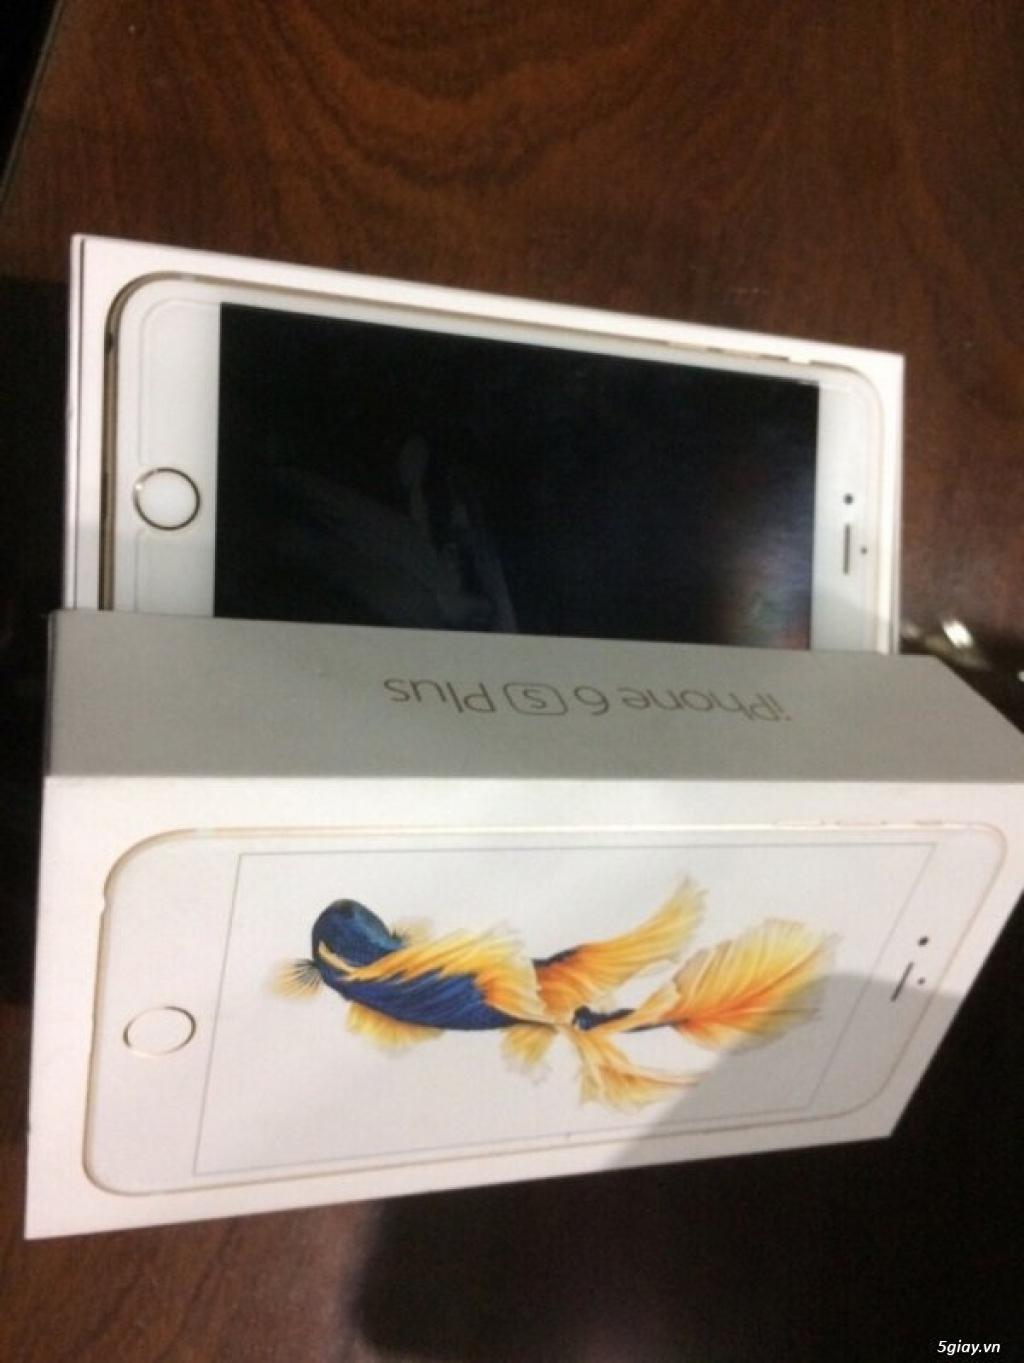 iphone 6s plus gold full boxx 64Gb - 2